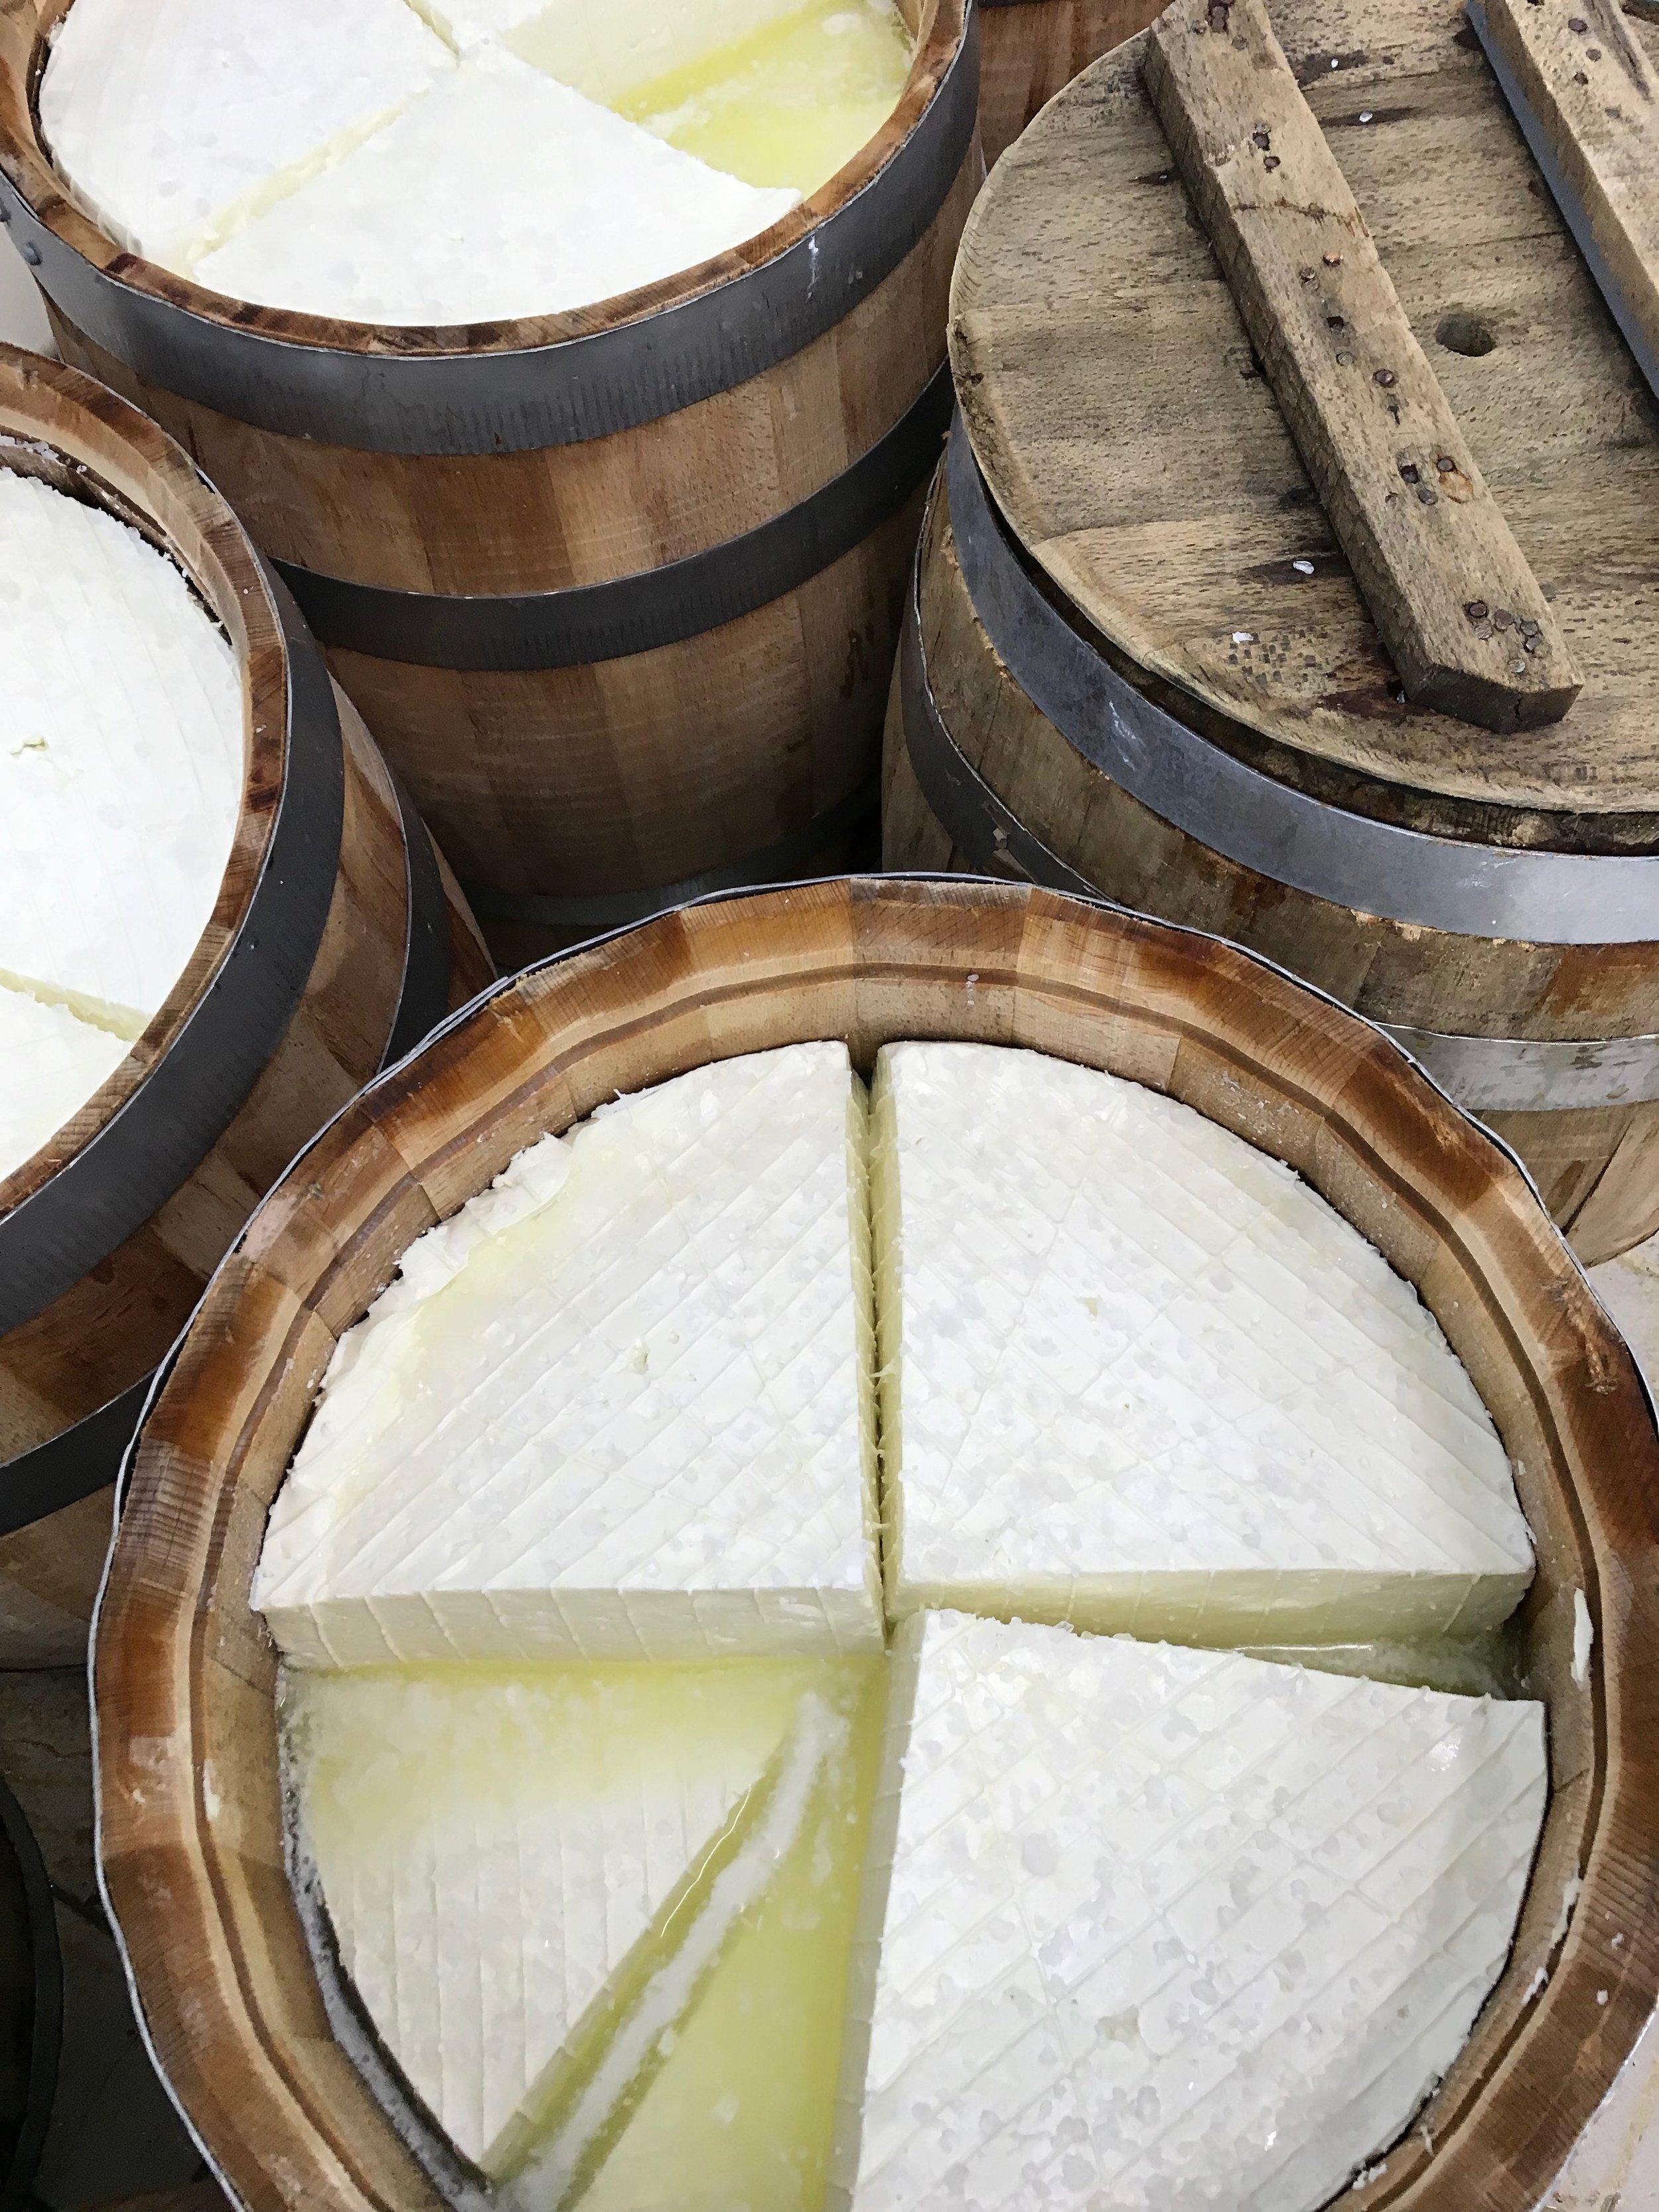 Barrel-Aged Greek Feta